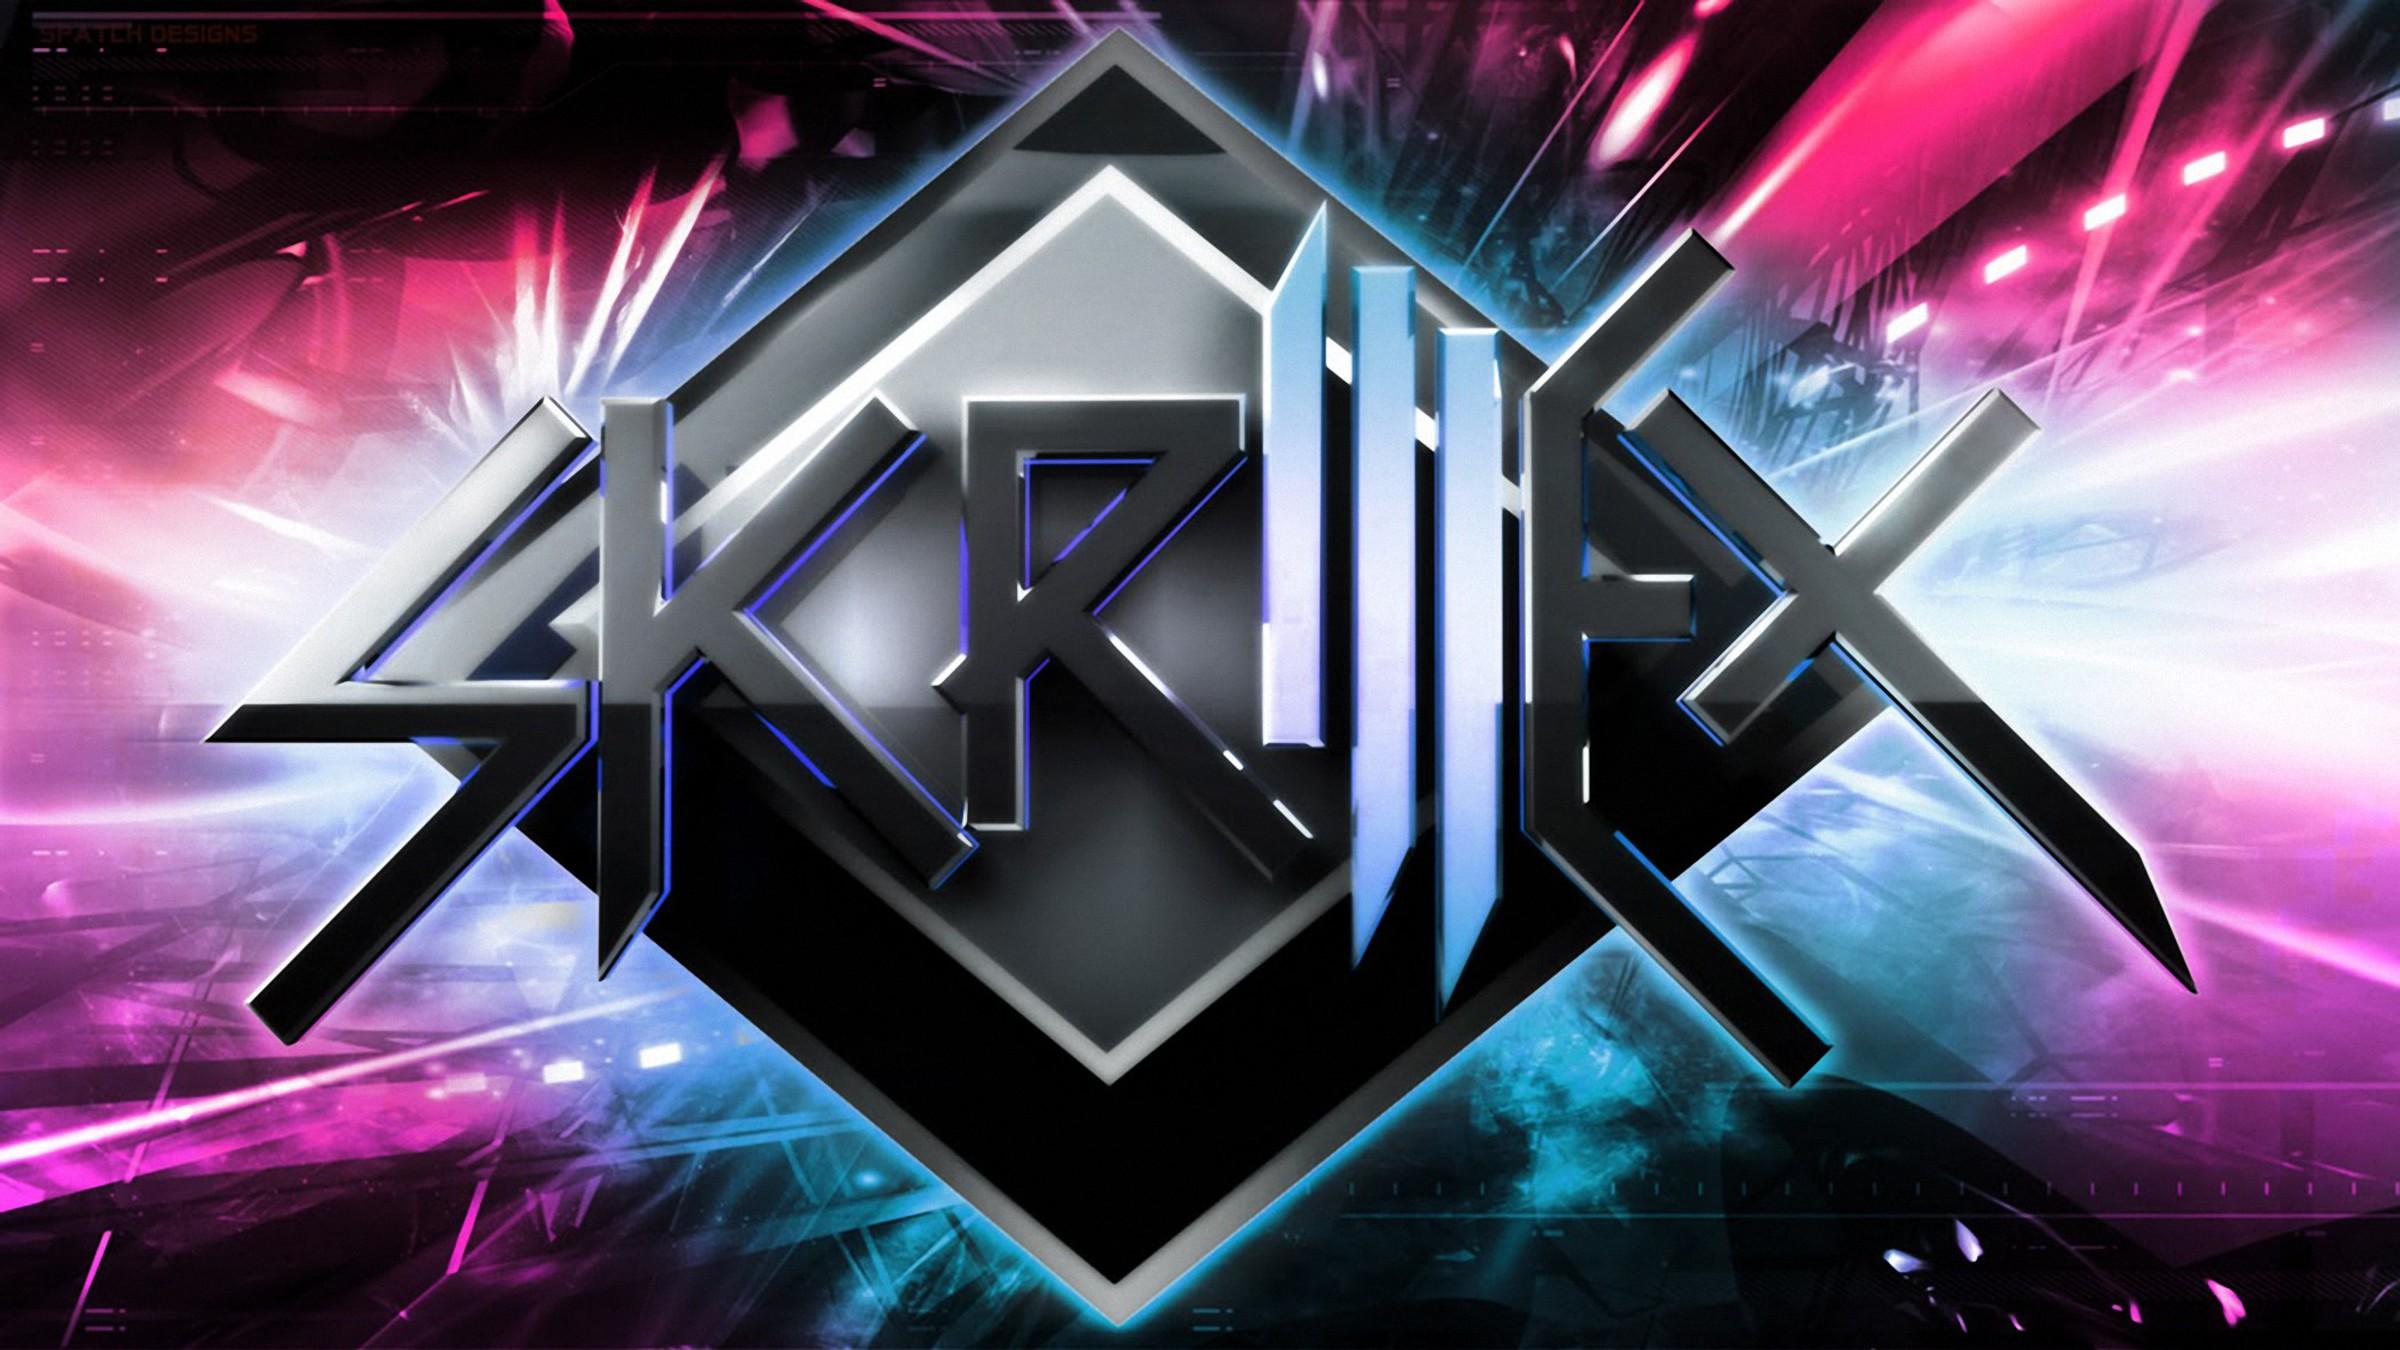 Good Wallpaper Logo Skrillex - skrillex-20  Photograph_894020.jpg